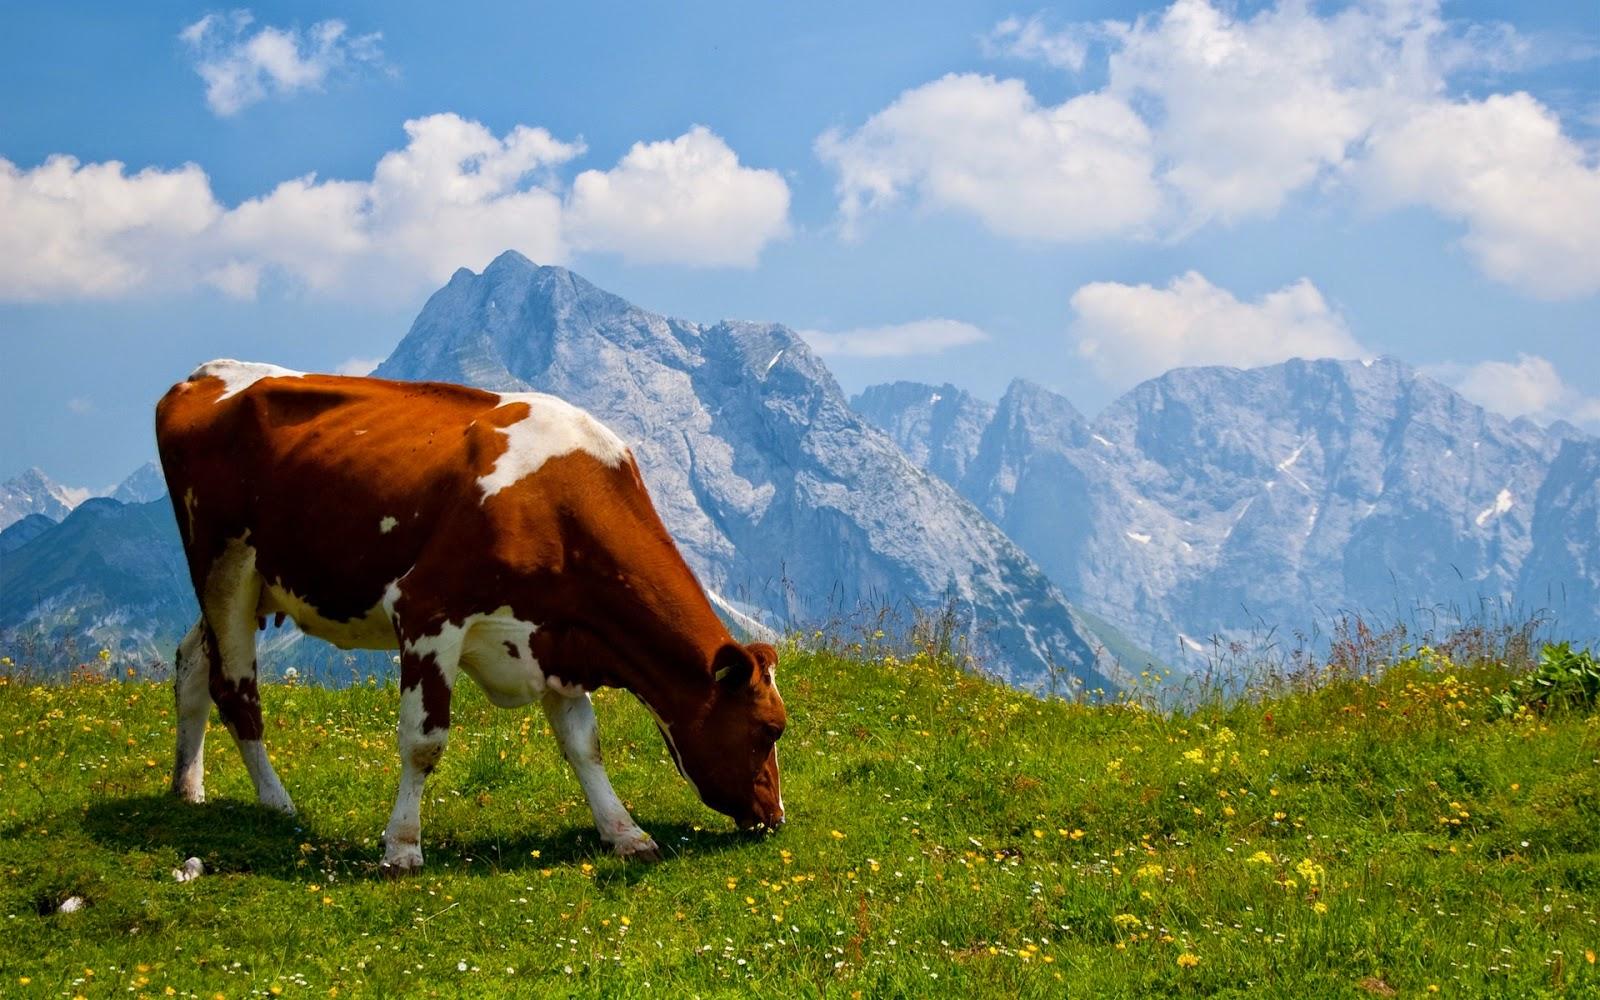 HD wallpaper met grazende koe in Alpen weiden